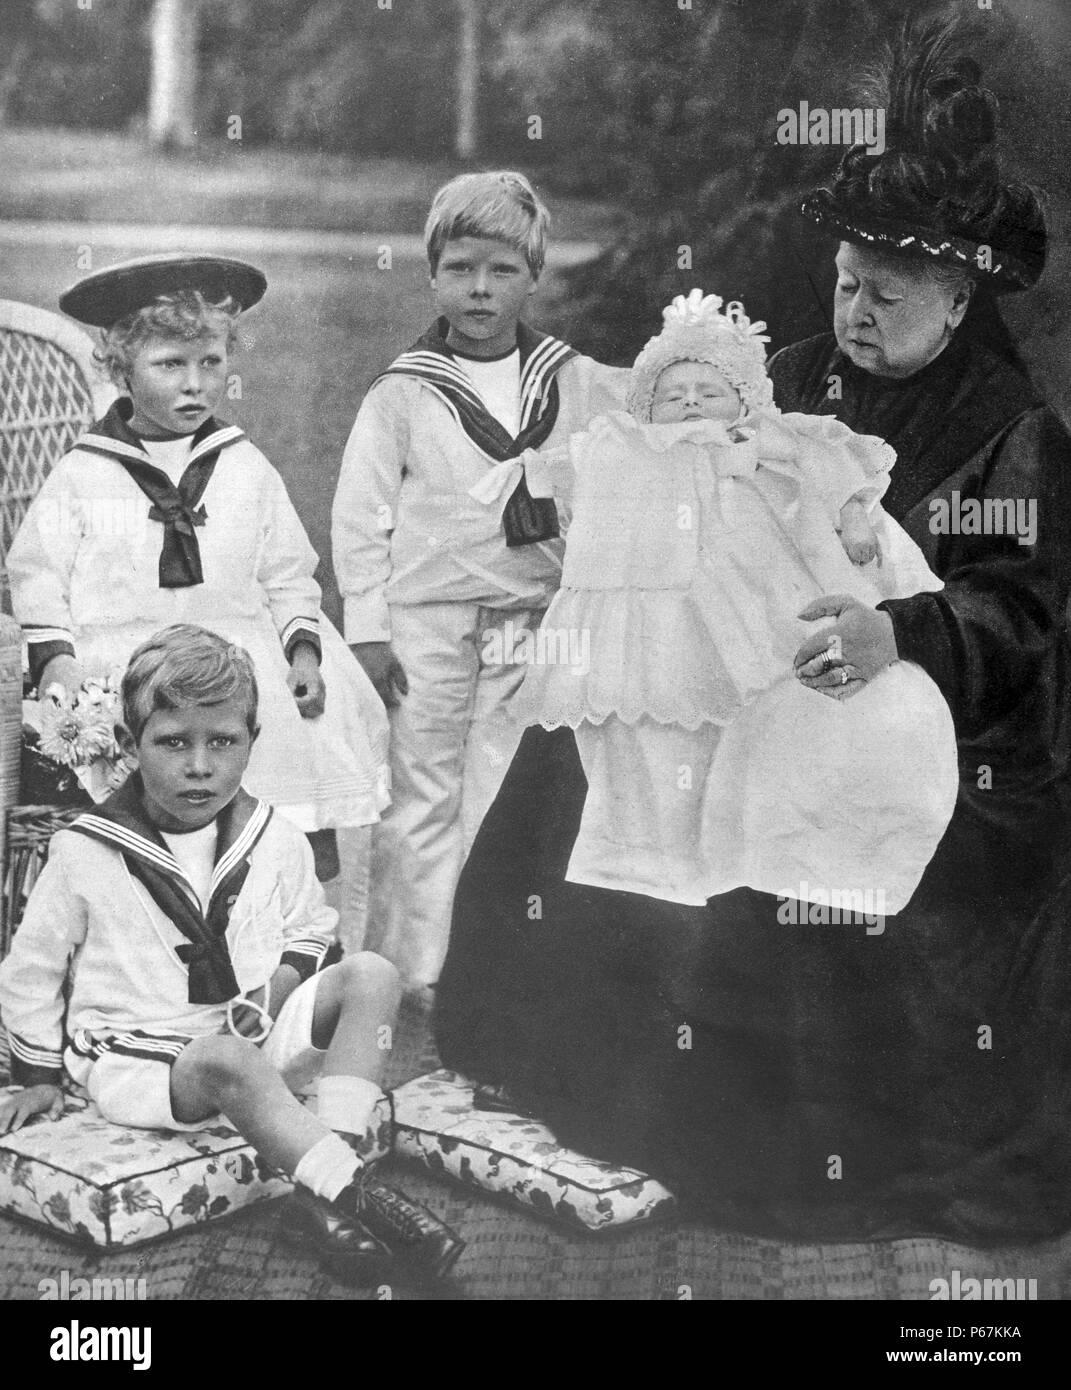 Fotografia della regina Victoria (1819-1901) e il suo grande Grand-Children. Nella foto con lei è il Principe del Galles; la principessa reale il duca di York e il duca di Gloucester. Datata 1898 Immagini Stock